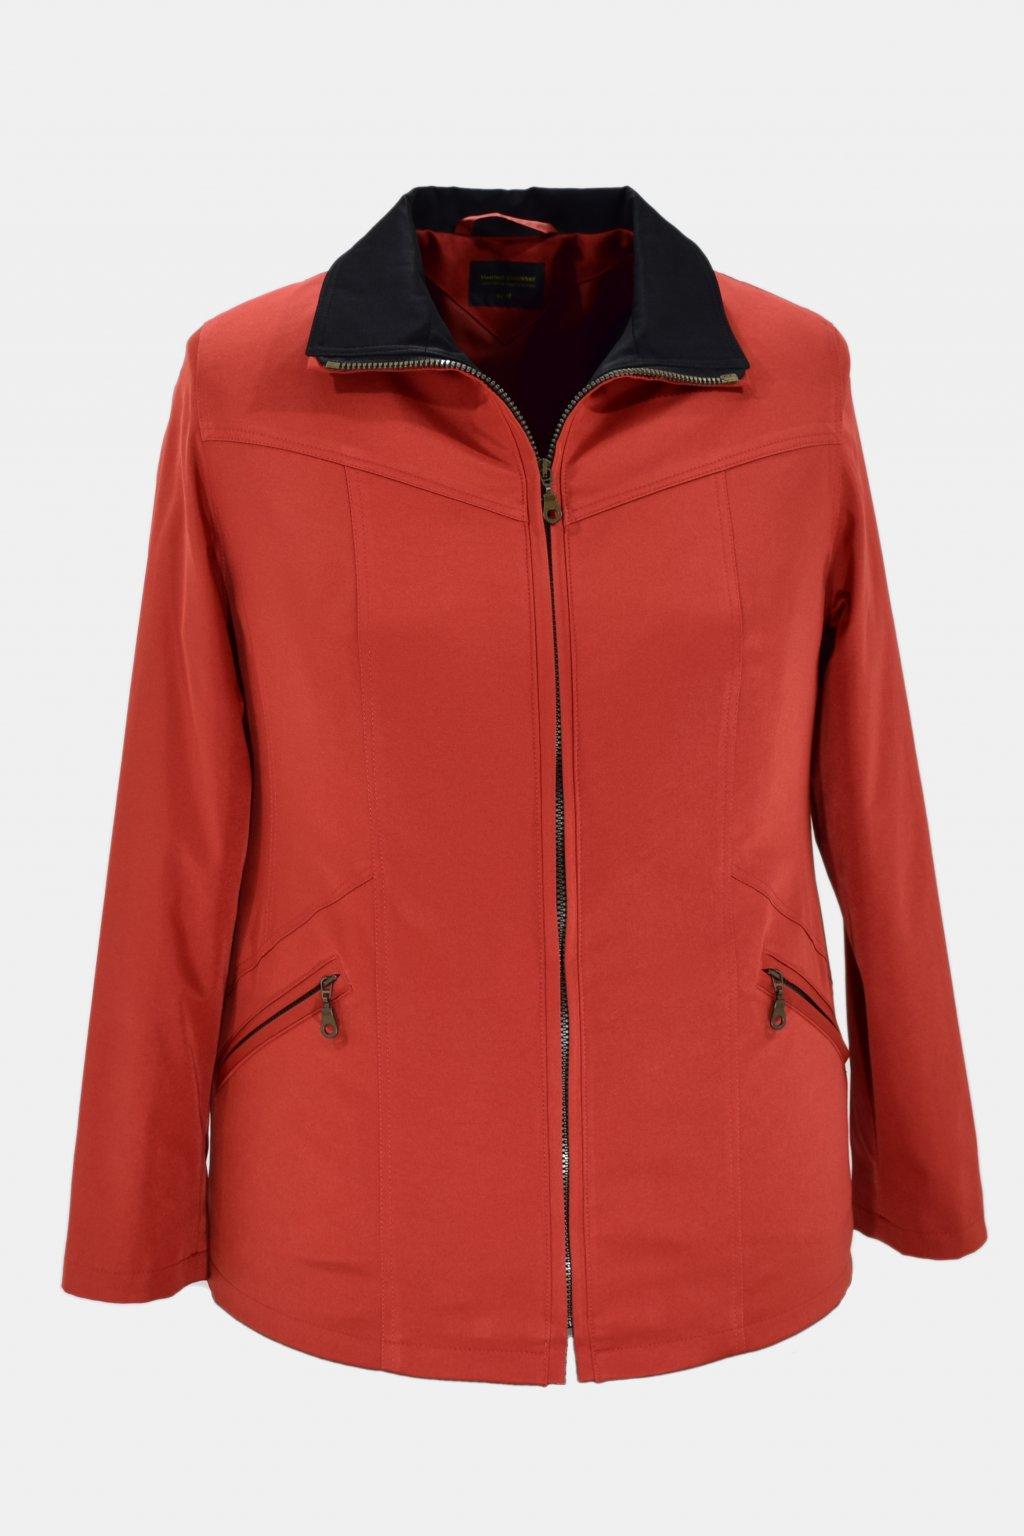 Dámská dooranžova  jarní bunda Ema nadměrné velikosti.